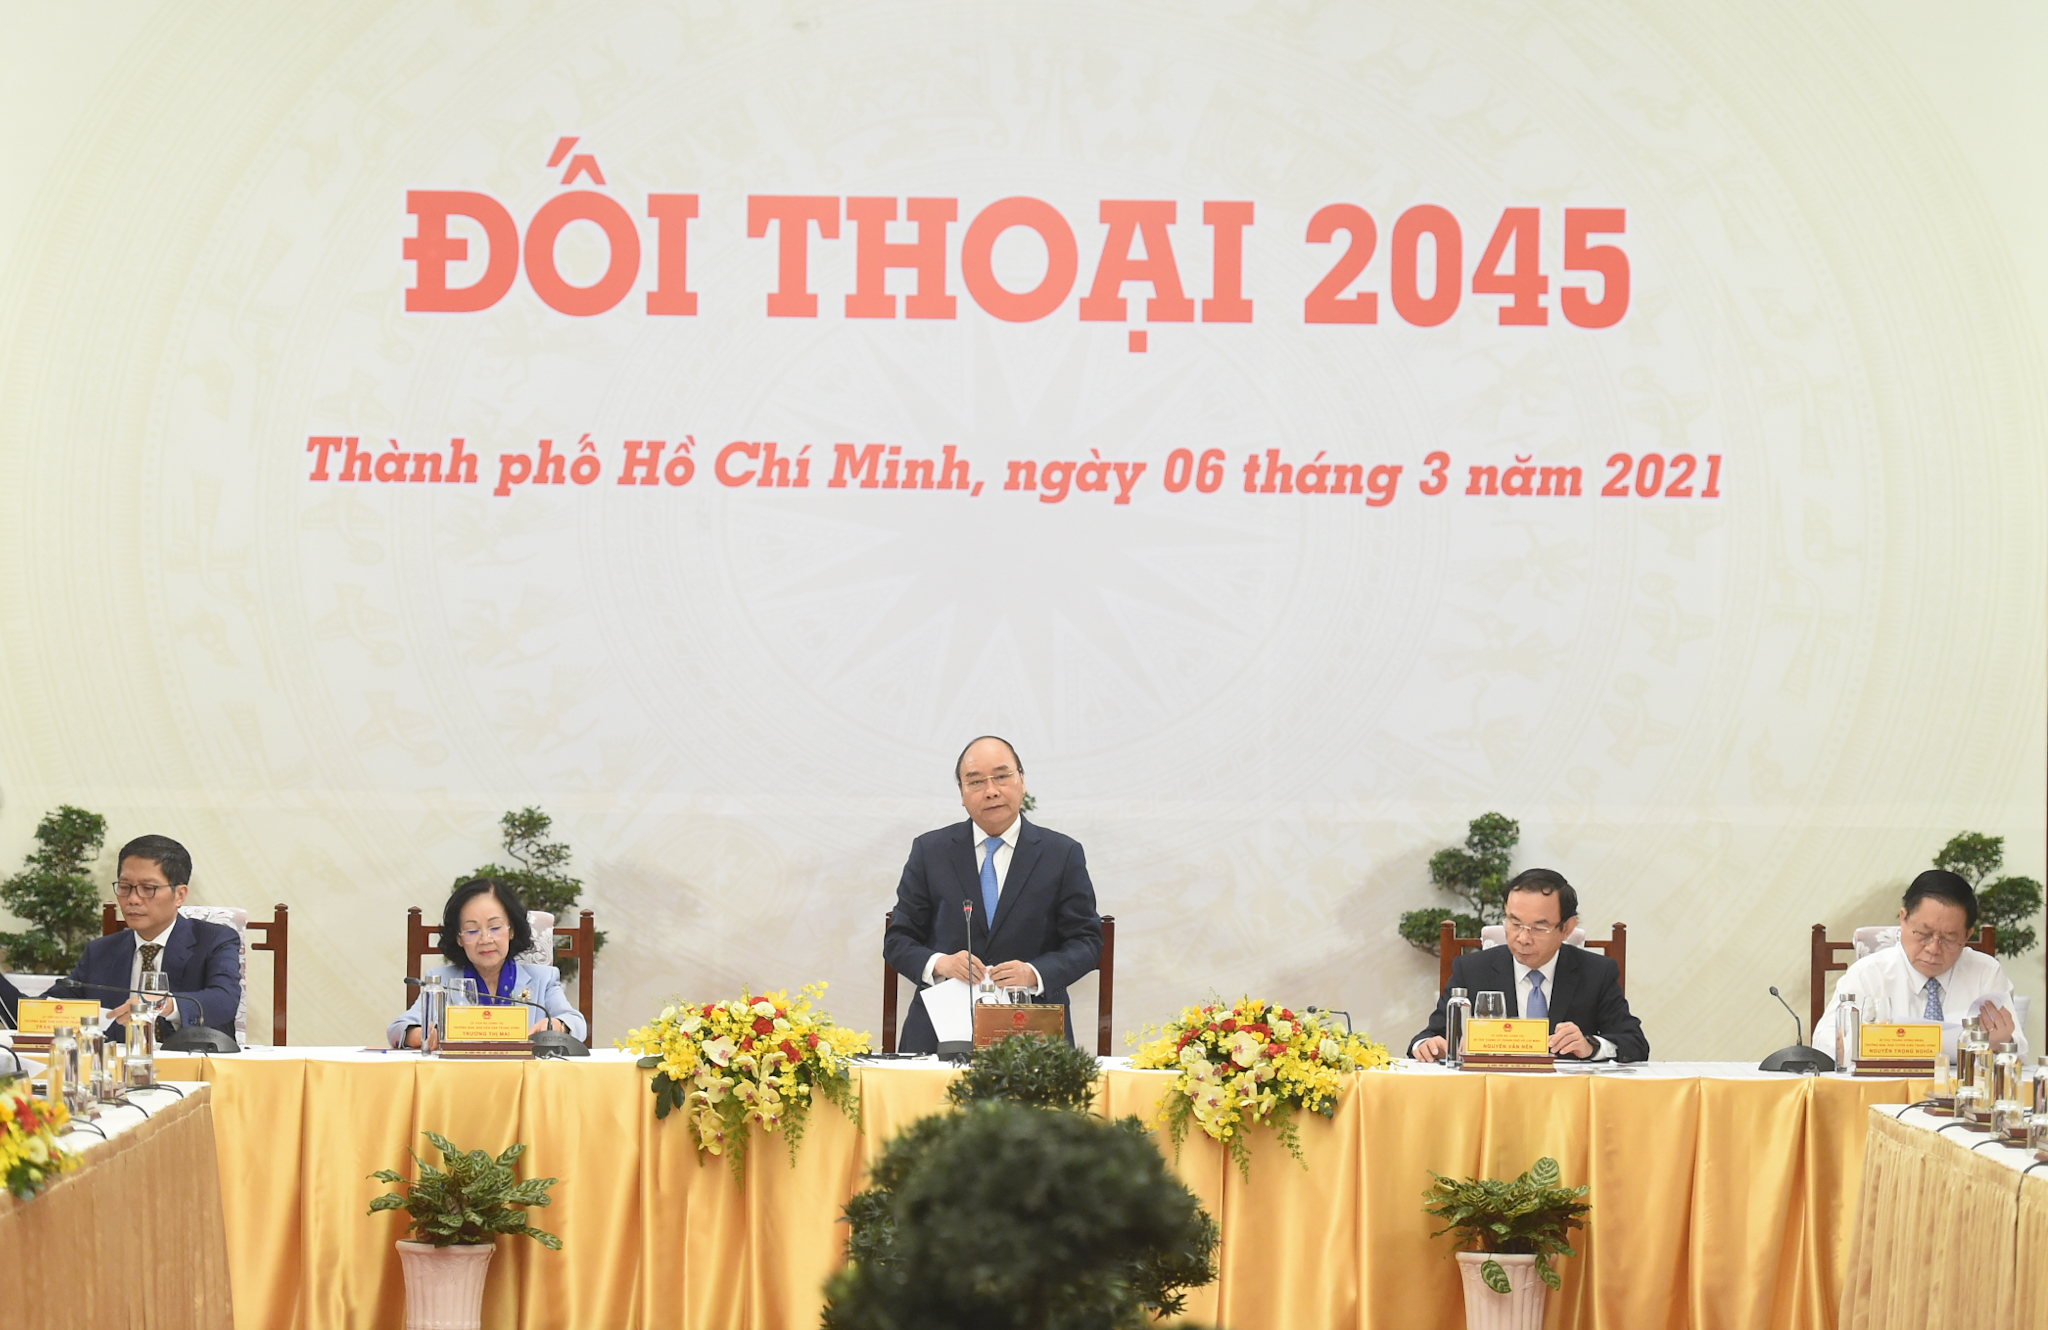 Đối thoại 2045 diễn ra tại Hội trường Thống Nhất, TPHCM. Ảnh: VGP/Quang Hiếu